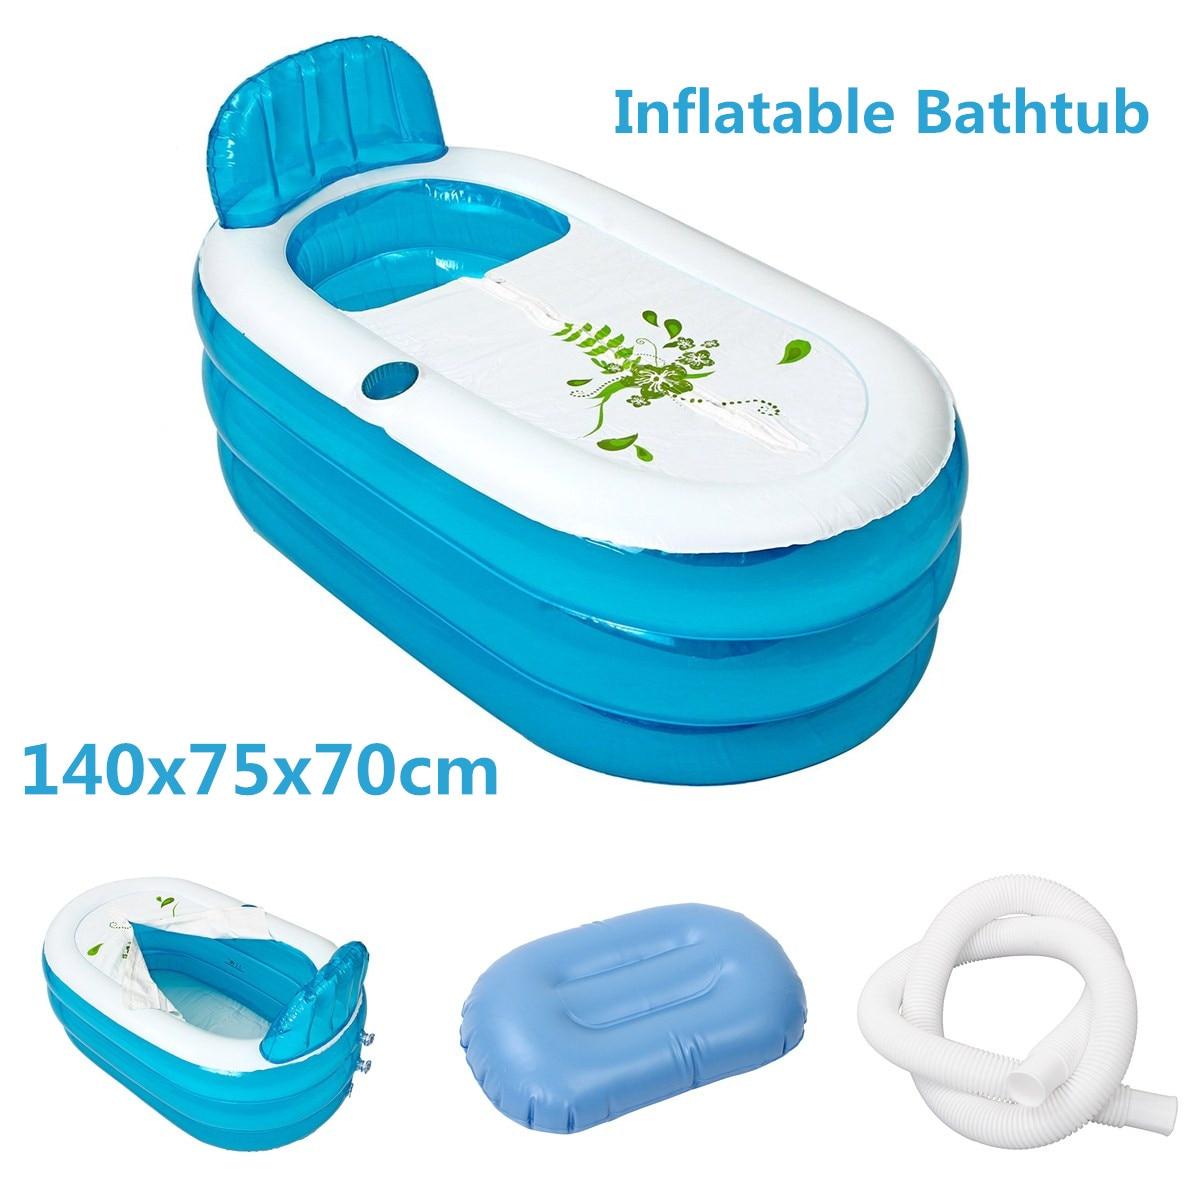 Портативный инфляции ванна для взрослых надувная Ванна наслаждаться жизнью ванна с надувные и дефляция насос Крытый Ванна